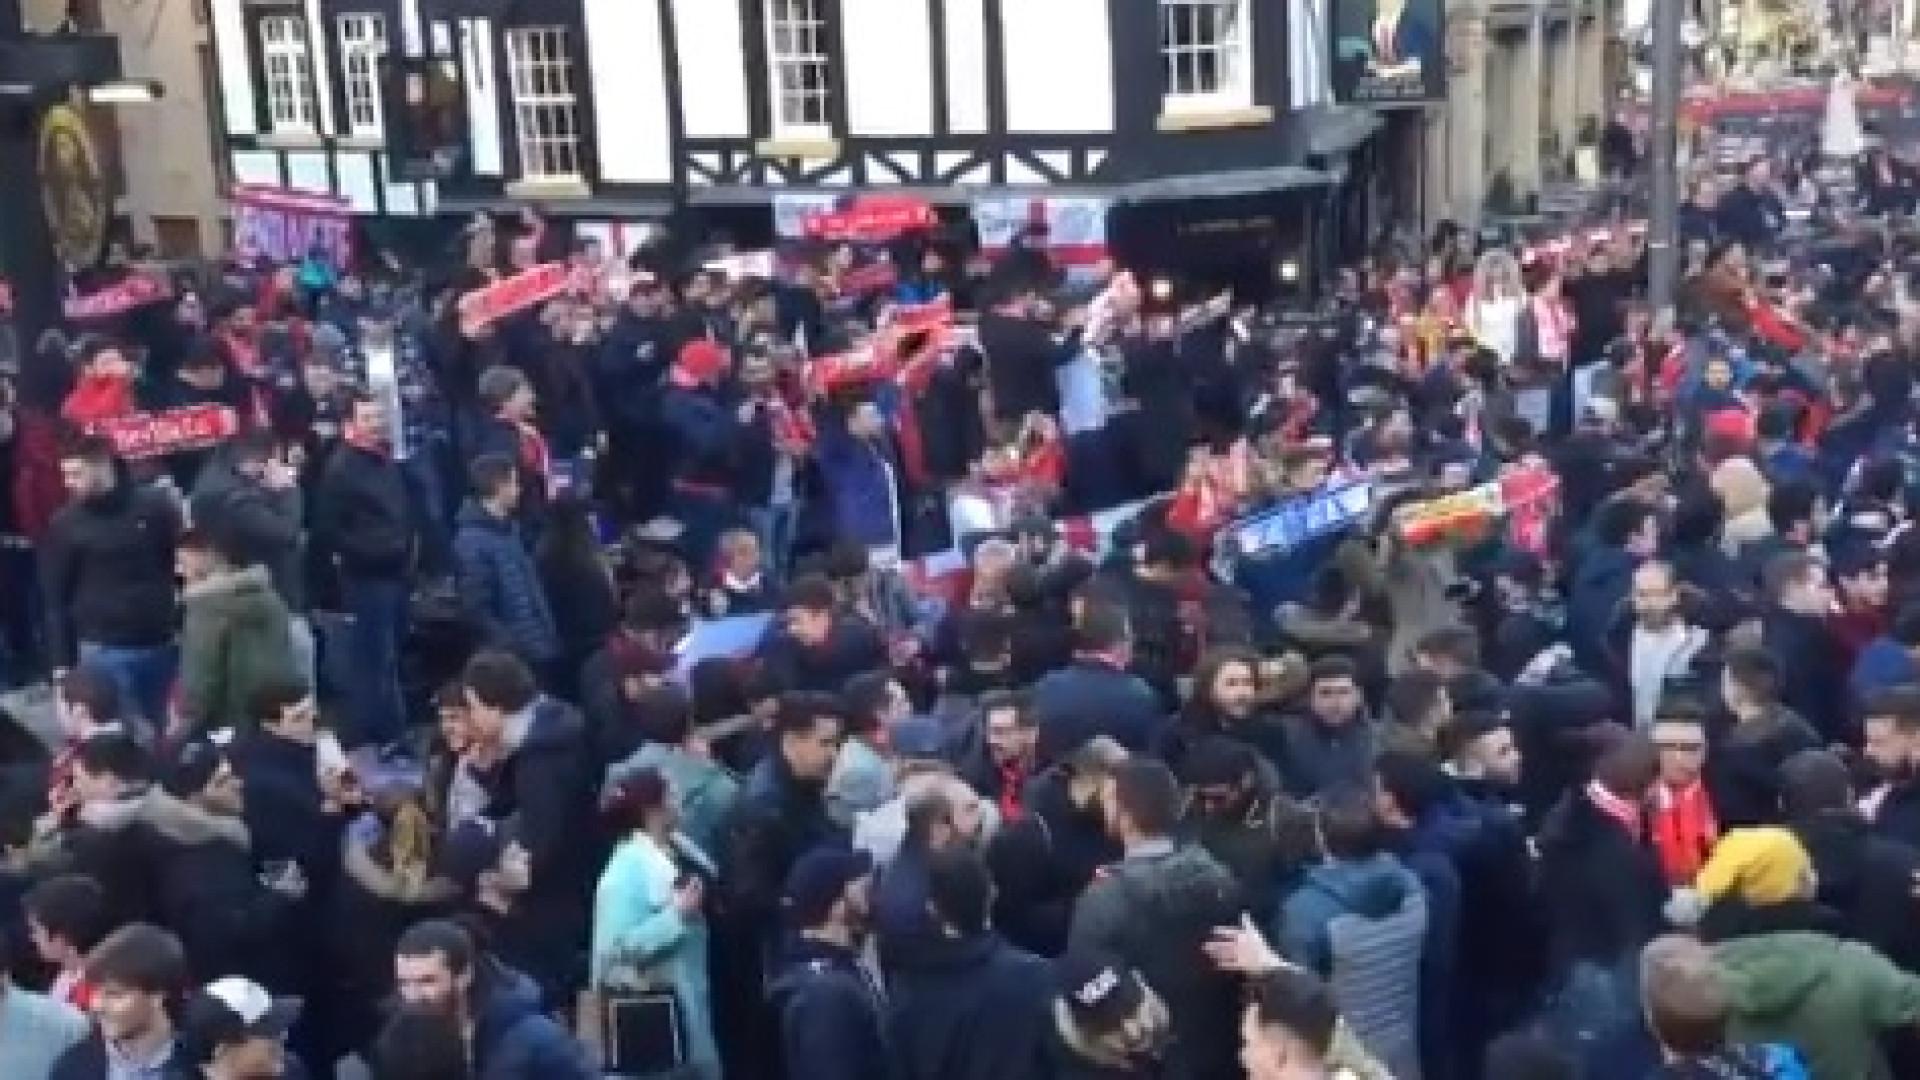 Adeptos do Sevilha fazem a festa antes da partida em Old Trafford